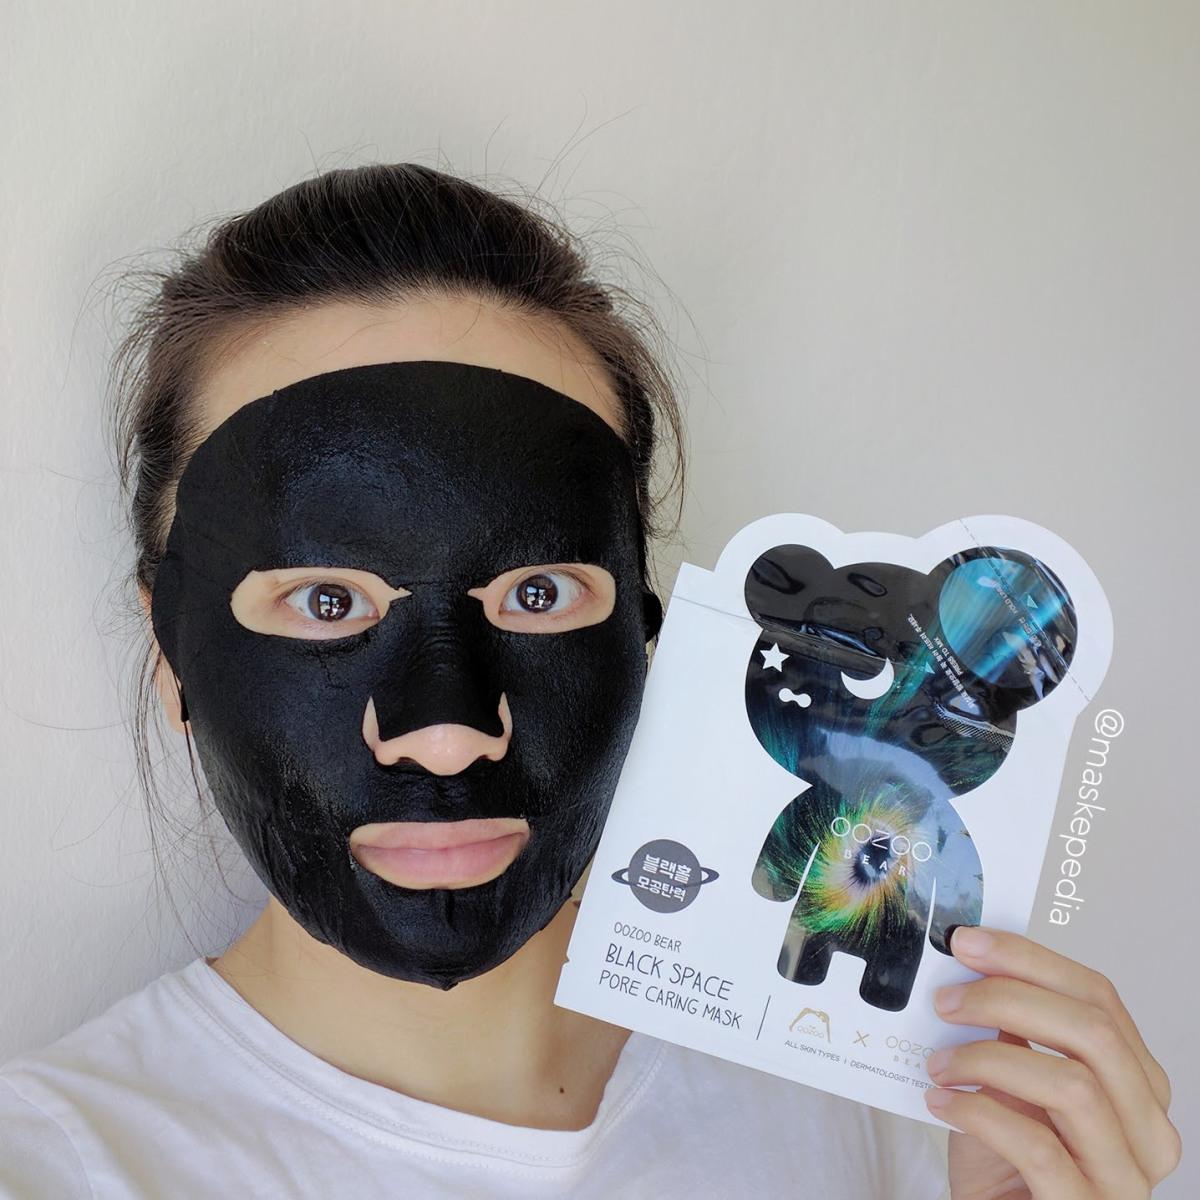 mat-na-mat-na-oozoo-bear-waterbang-hydrating-mask-x5-han-quoc-2227